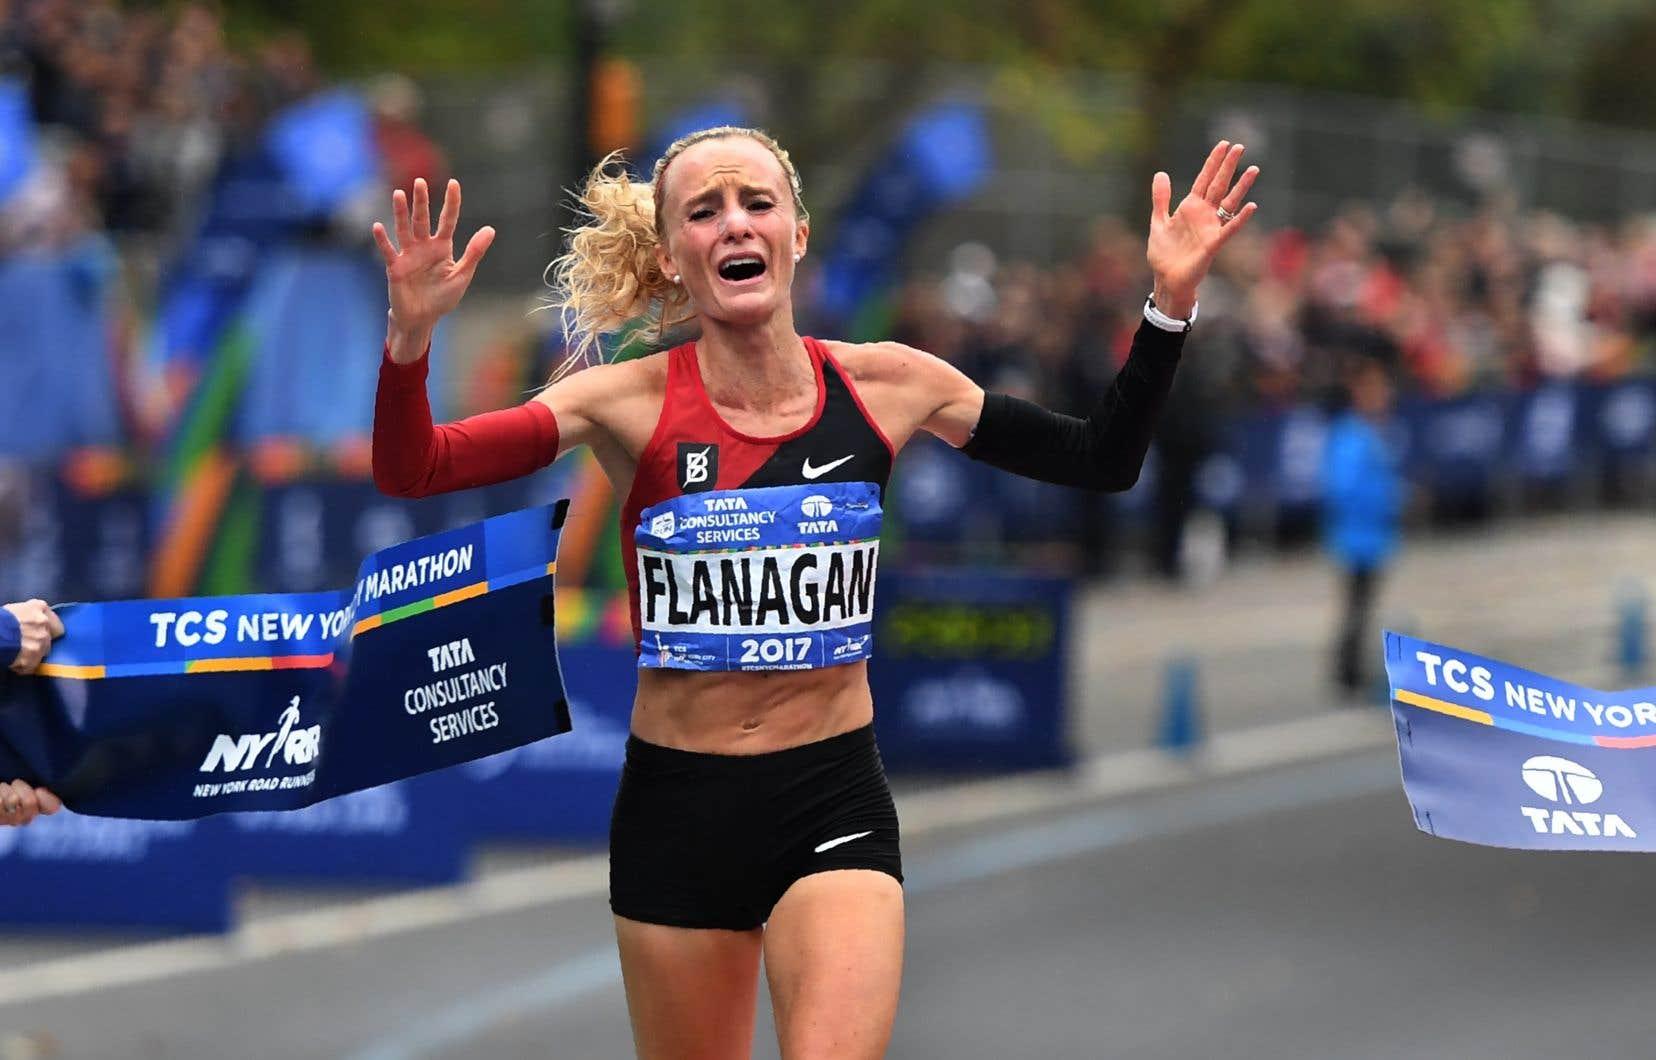 L'Américaine Shalane Flanagan a remporté l'épreuve féminine du marathon de New York dimanche.